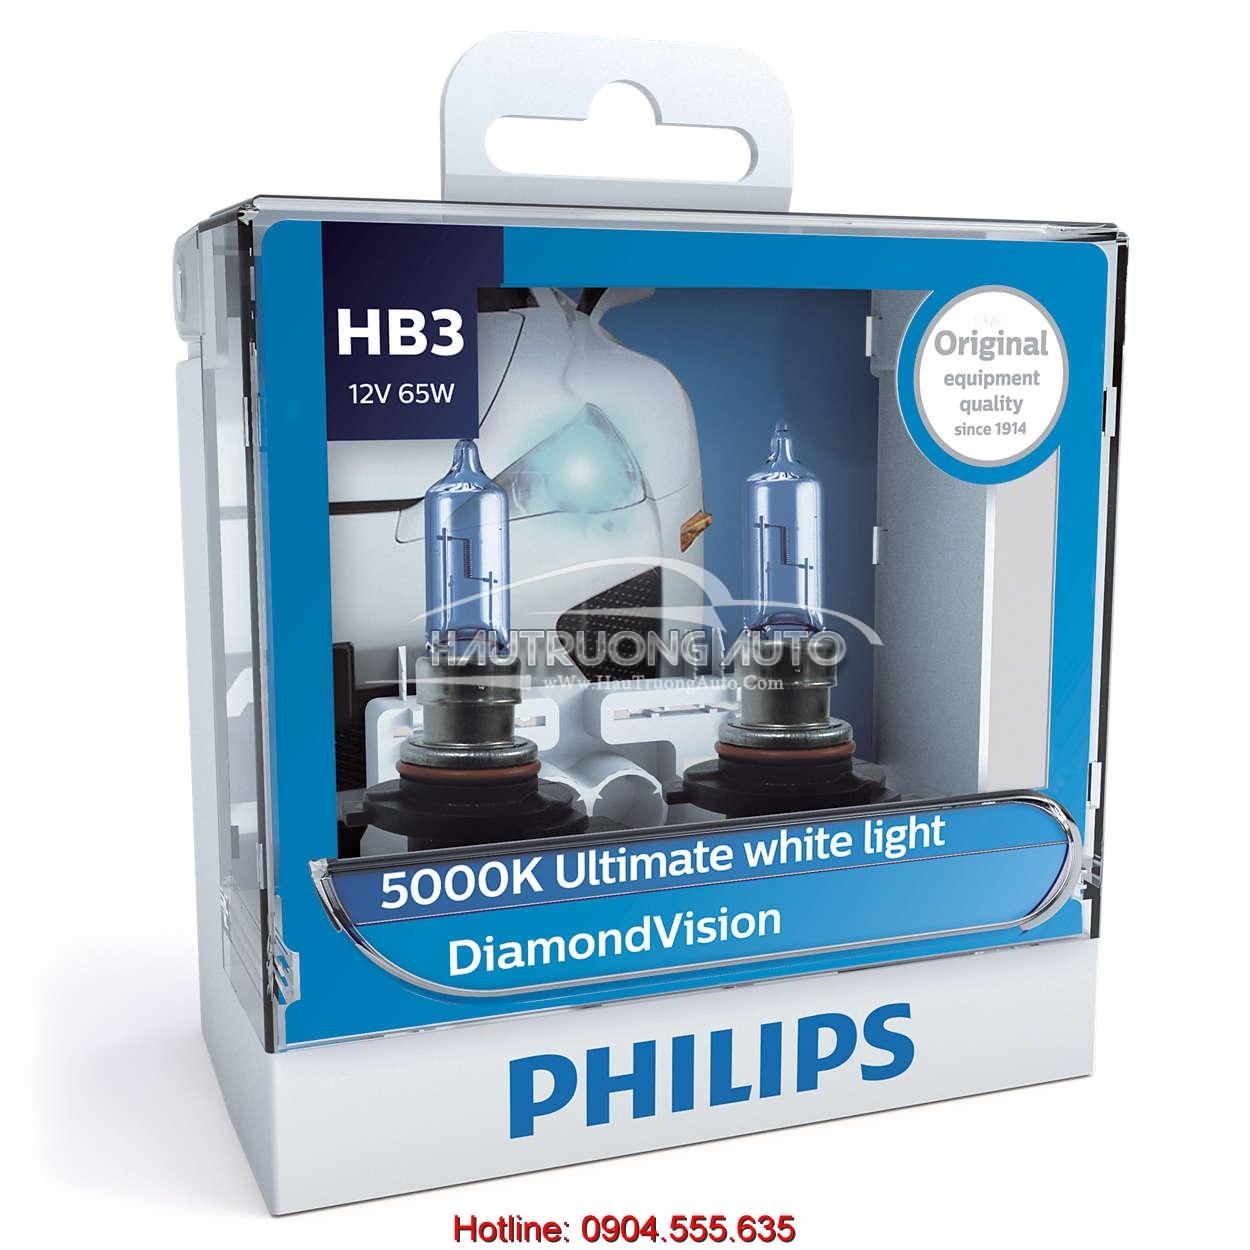 Bóng đèn HB3 Philips DiamonVision 5000K